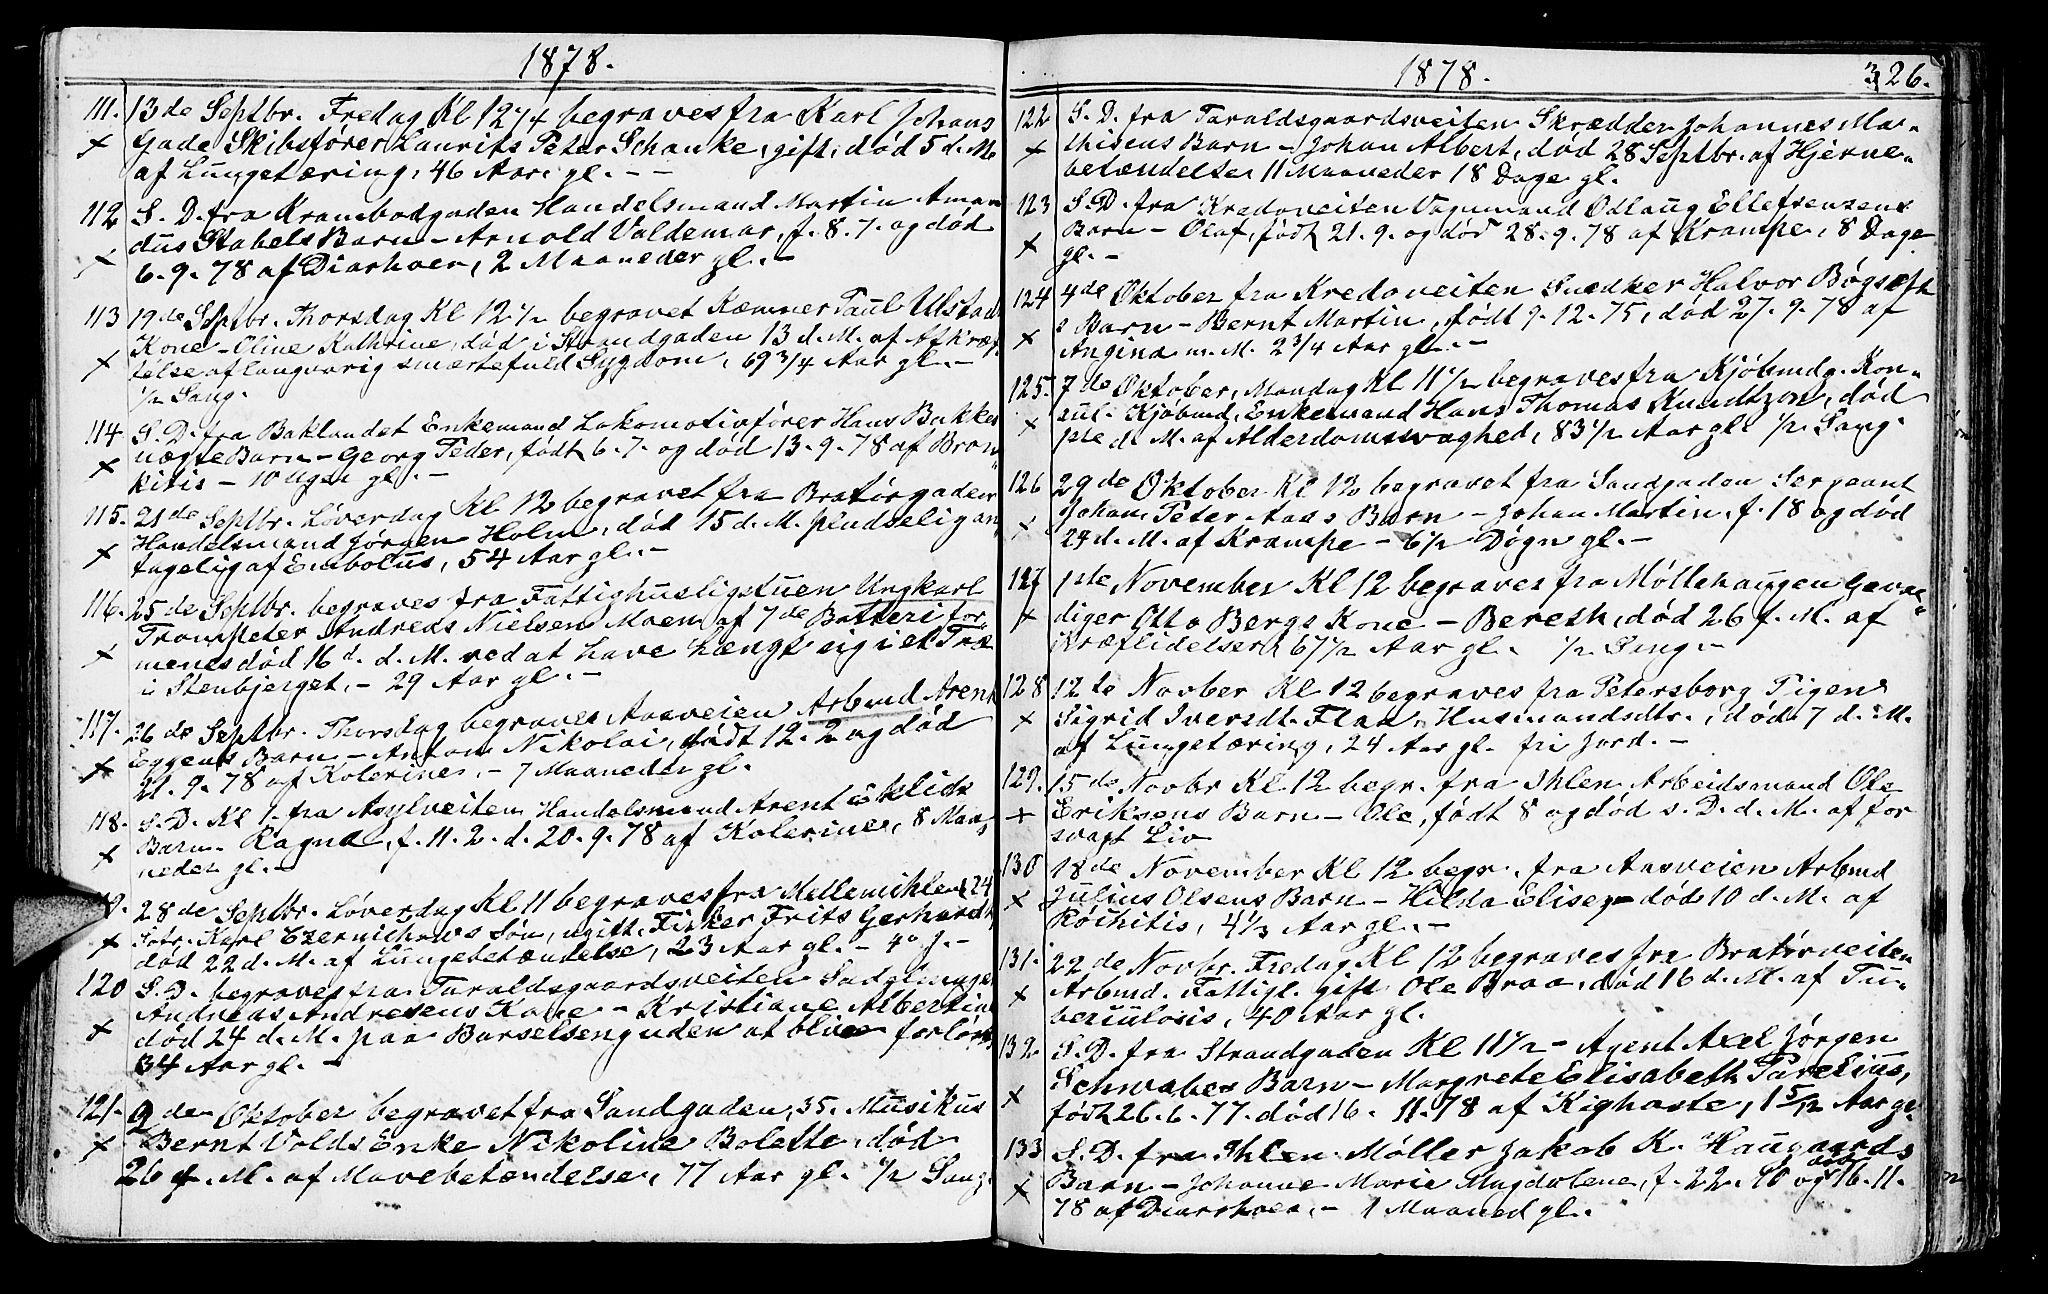 SAT, Ministerialprotokoller, klokkerbøker og fødselsregistre - Sør-Trøndelag, 602/L0142: Klokkerbok nr. 602C10, 1872-1894, s. 326